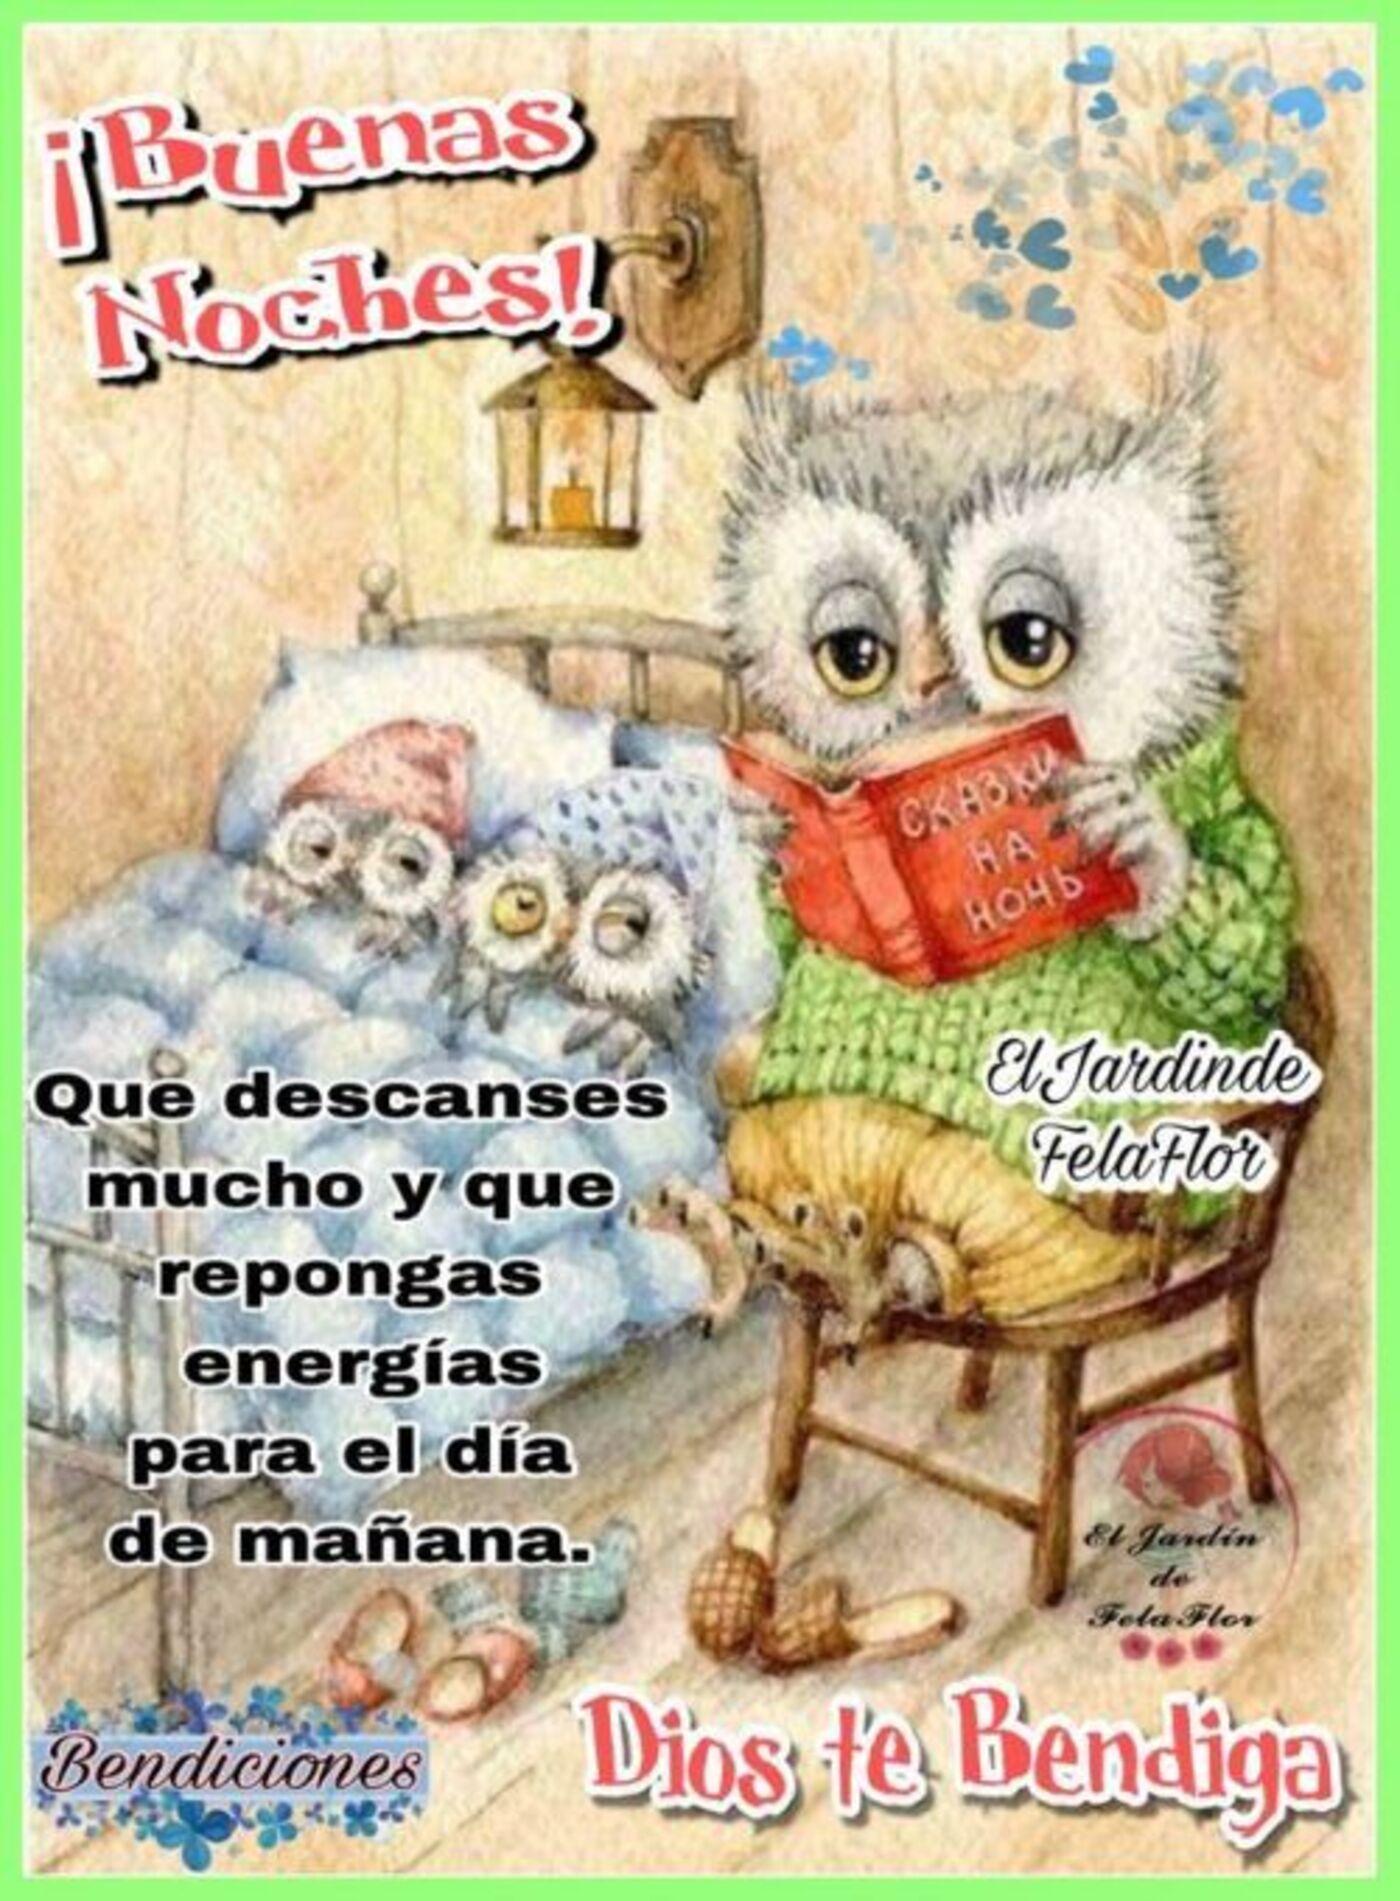 Buenas Noches! Que descanses mucho y que repongas energias para el día de mañana. Dios te bendiga